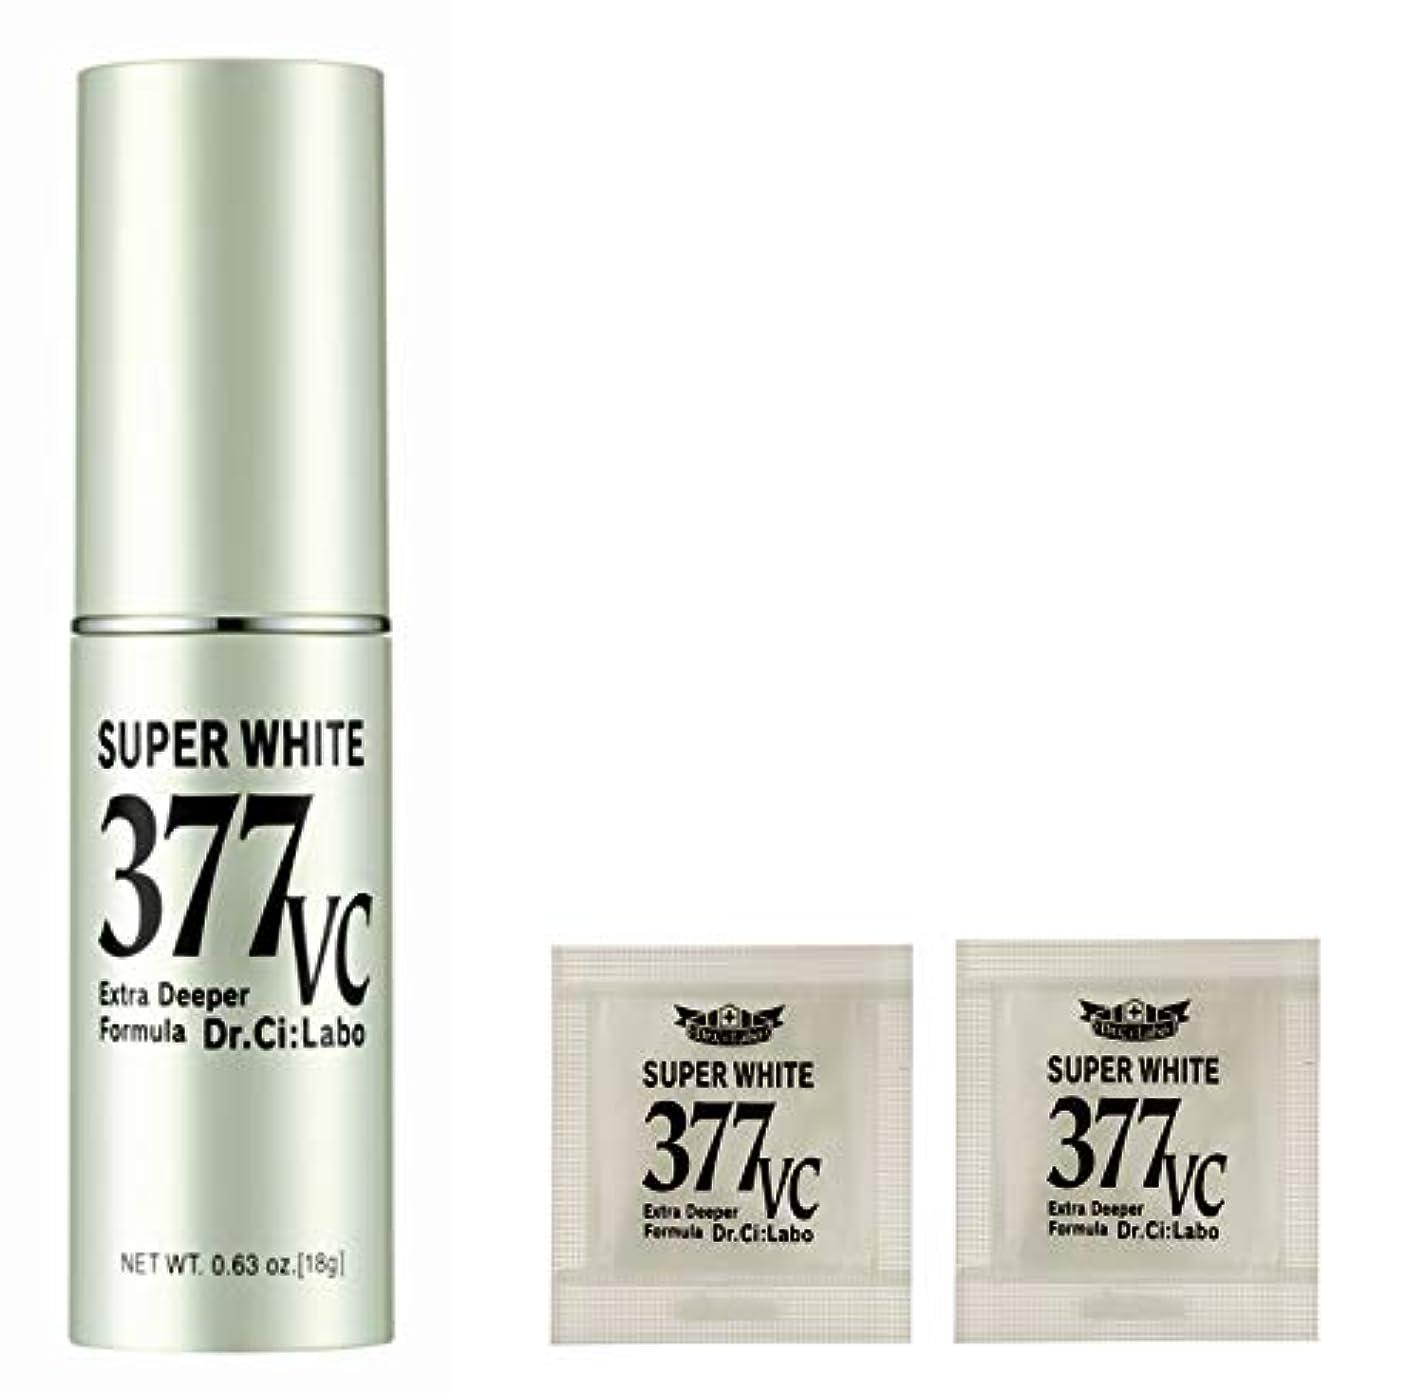 カブいとこ割り当てます【Amazon.co.jp限定】 ドクターシーラボ スーパーホワイト377VC+サンプルパウチ 美容液 セット 18g+サンプル1回分付き